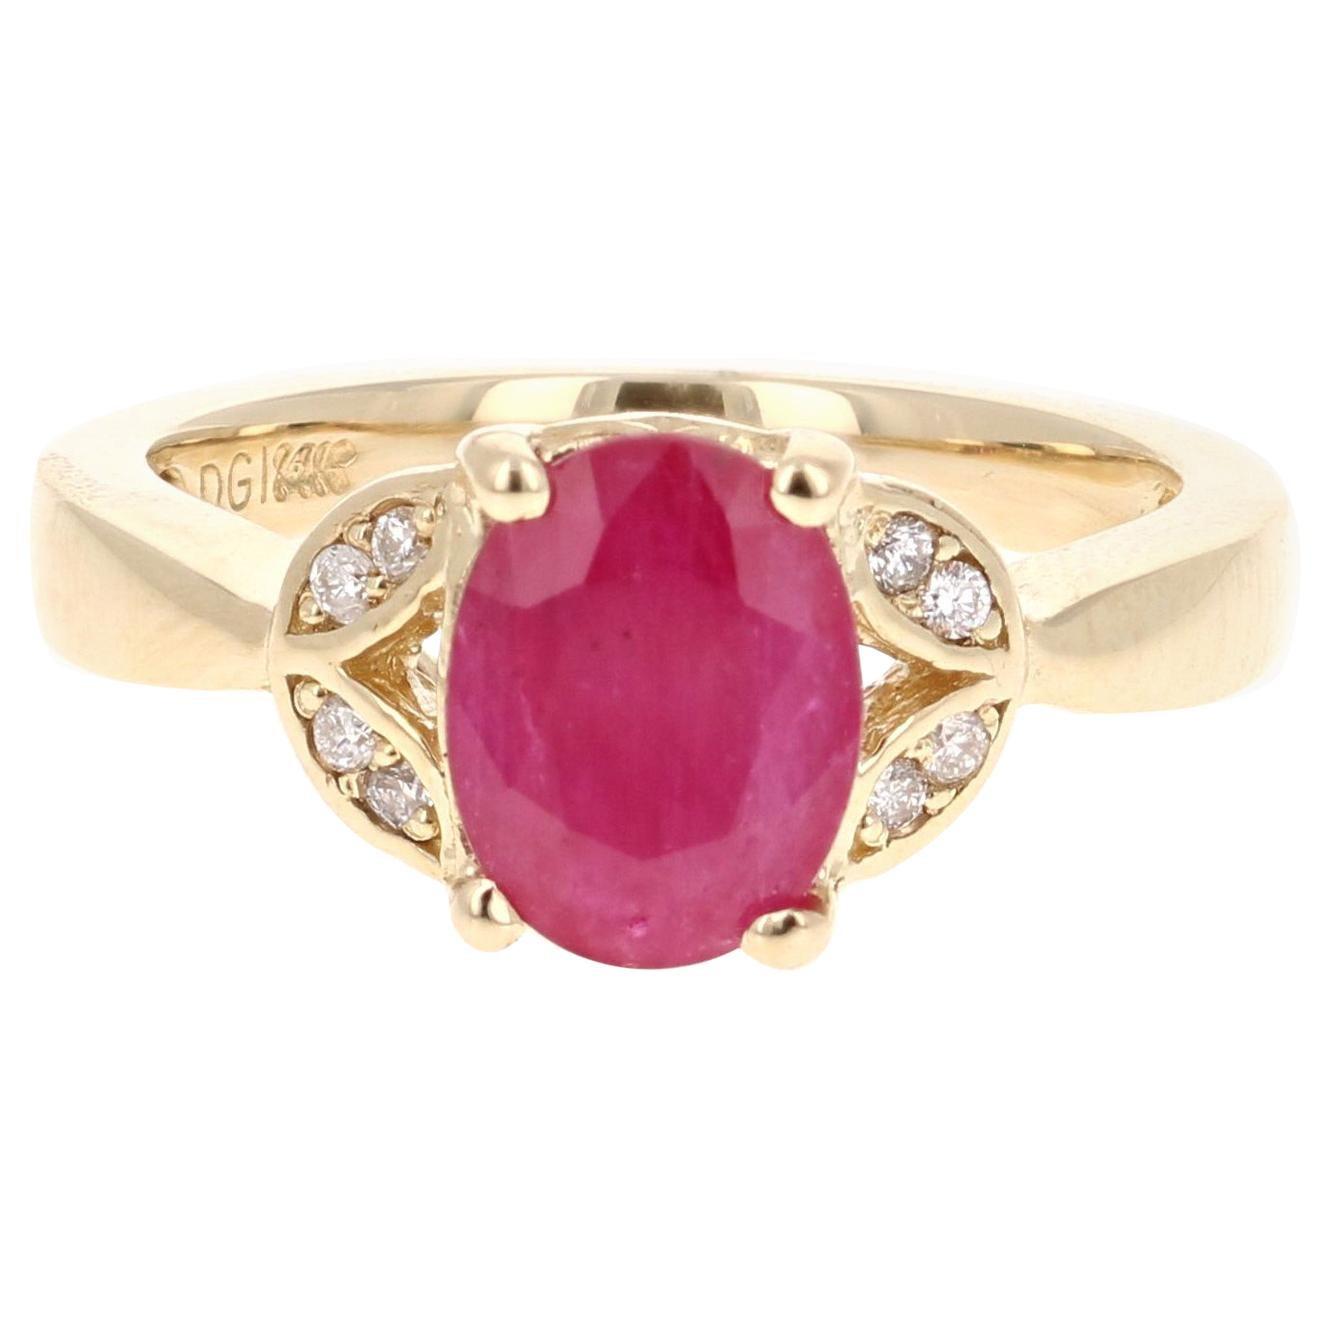 1.83 Carat Ruby Diamond 14 Karat Yellow Gold Ring